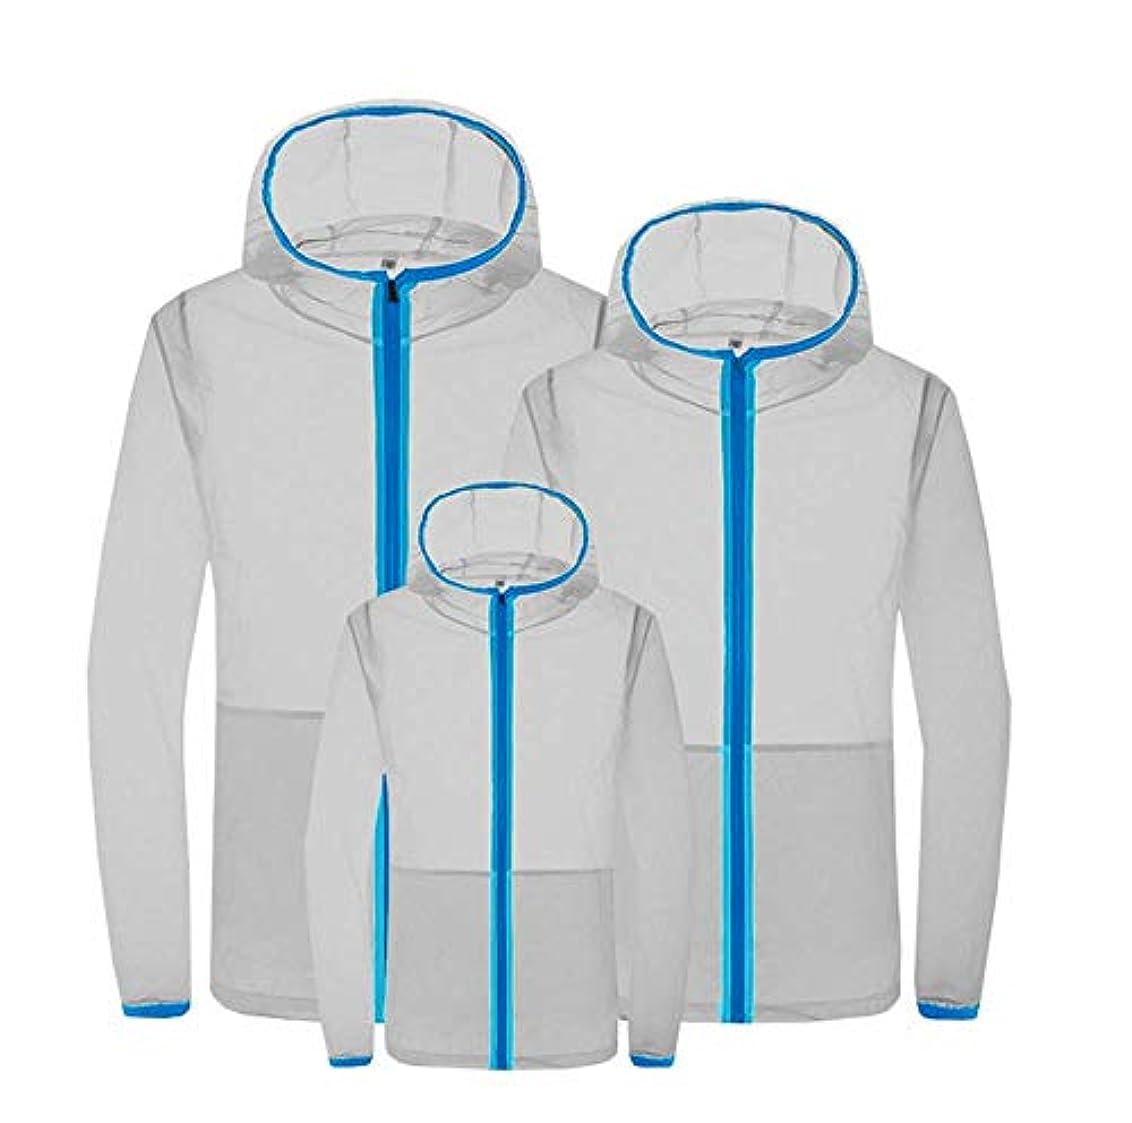 交換可能大騒ぎ占める夏のエアコンスーツスマート3速冷却スーツ日焼け防止服防滴防蚊服ファン冷却肌の服,Gray,S